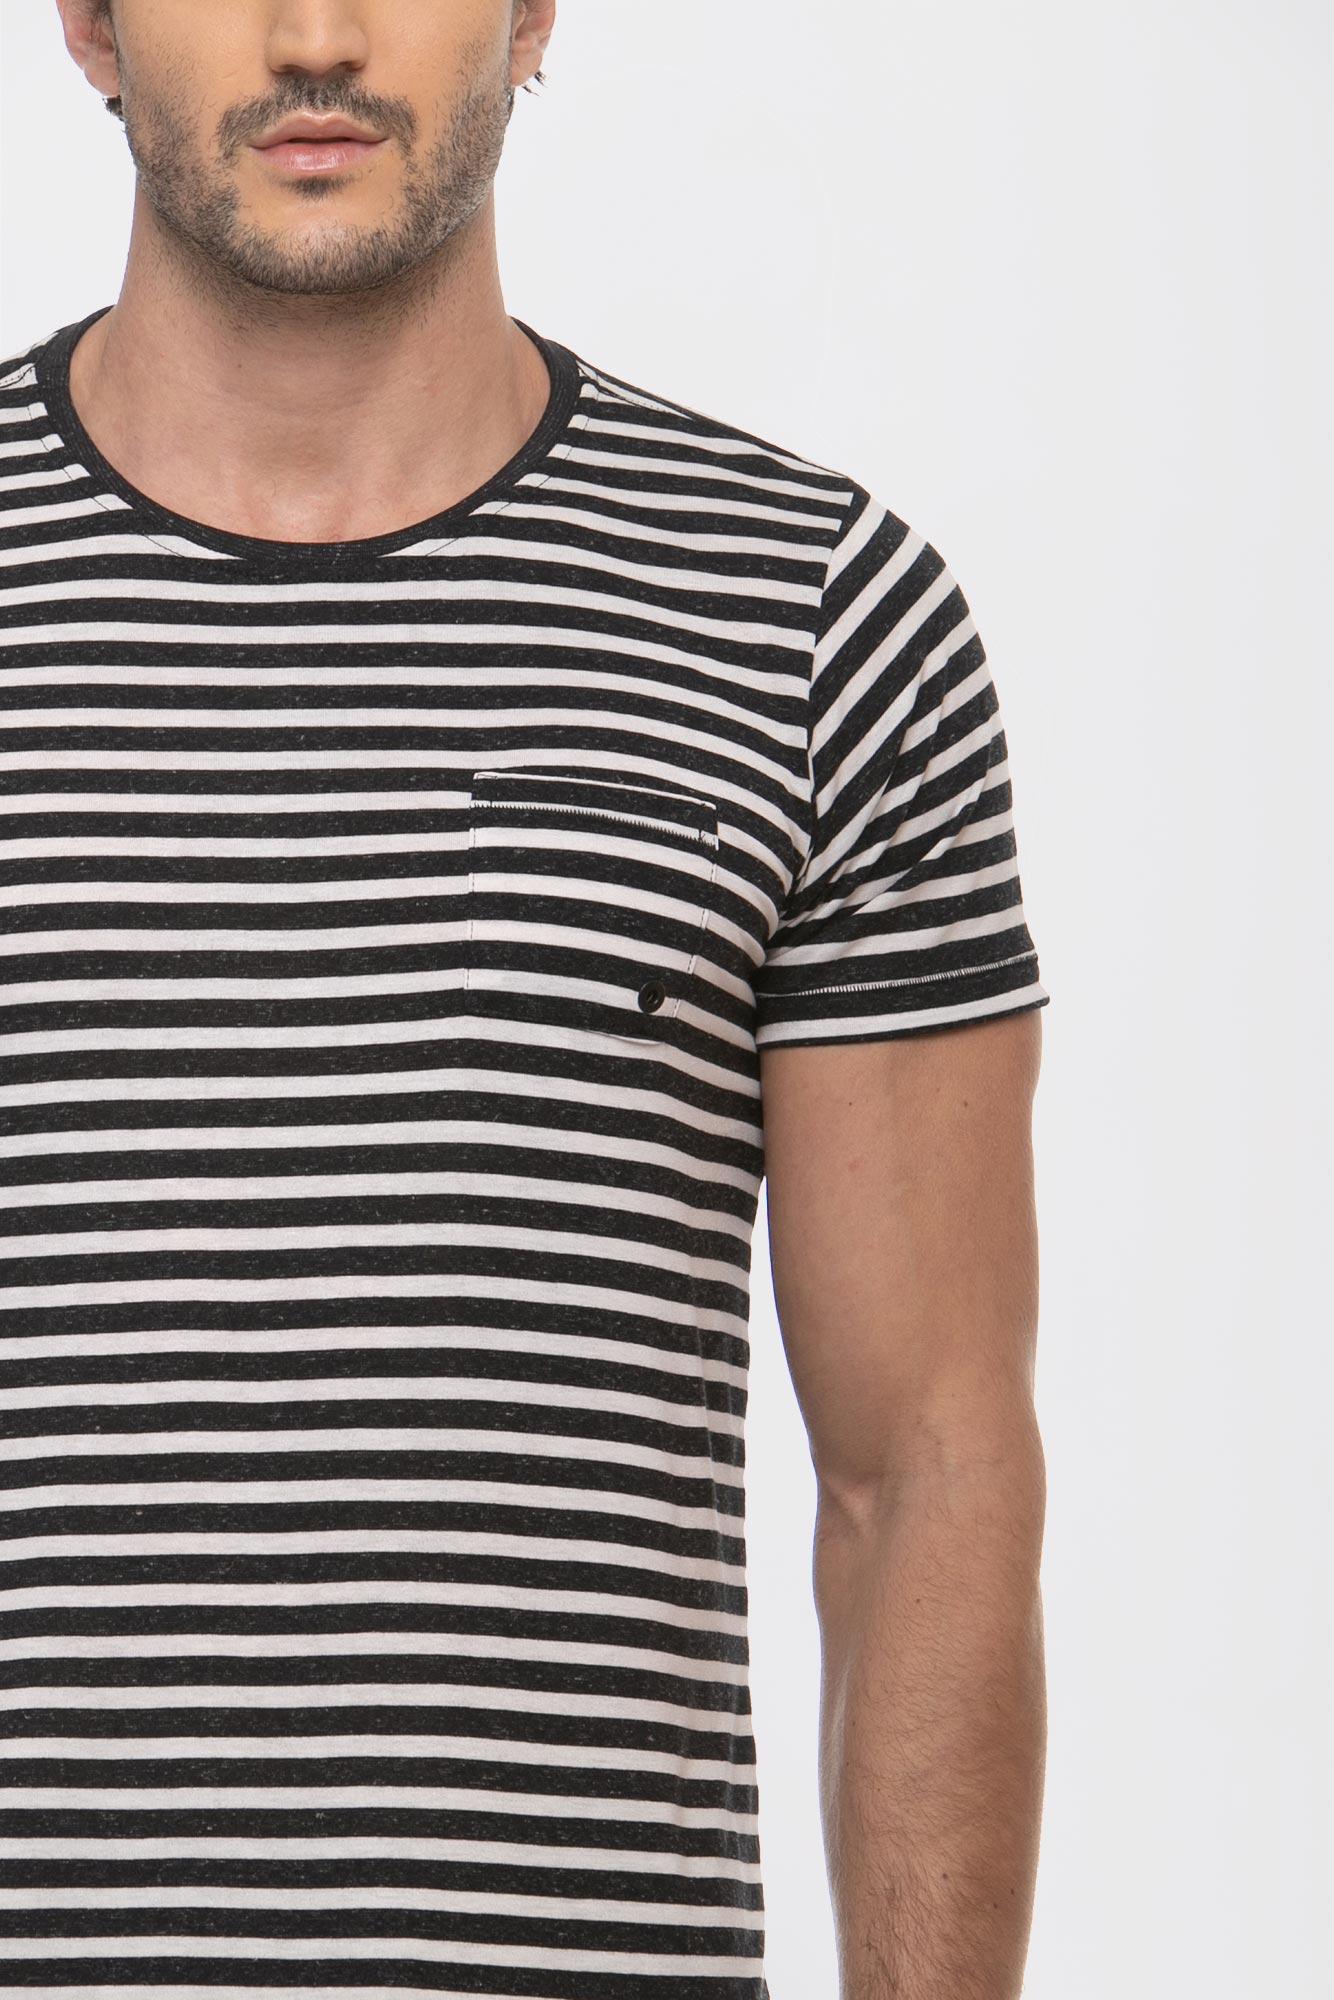 Camiseta Maxi Lines Black